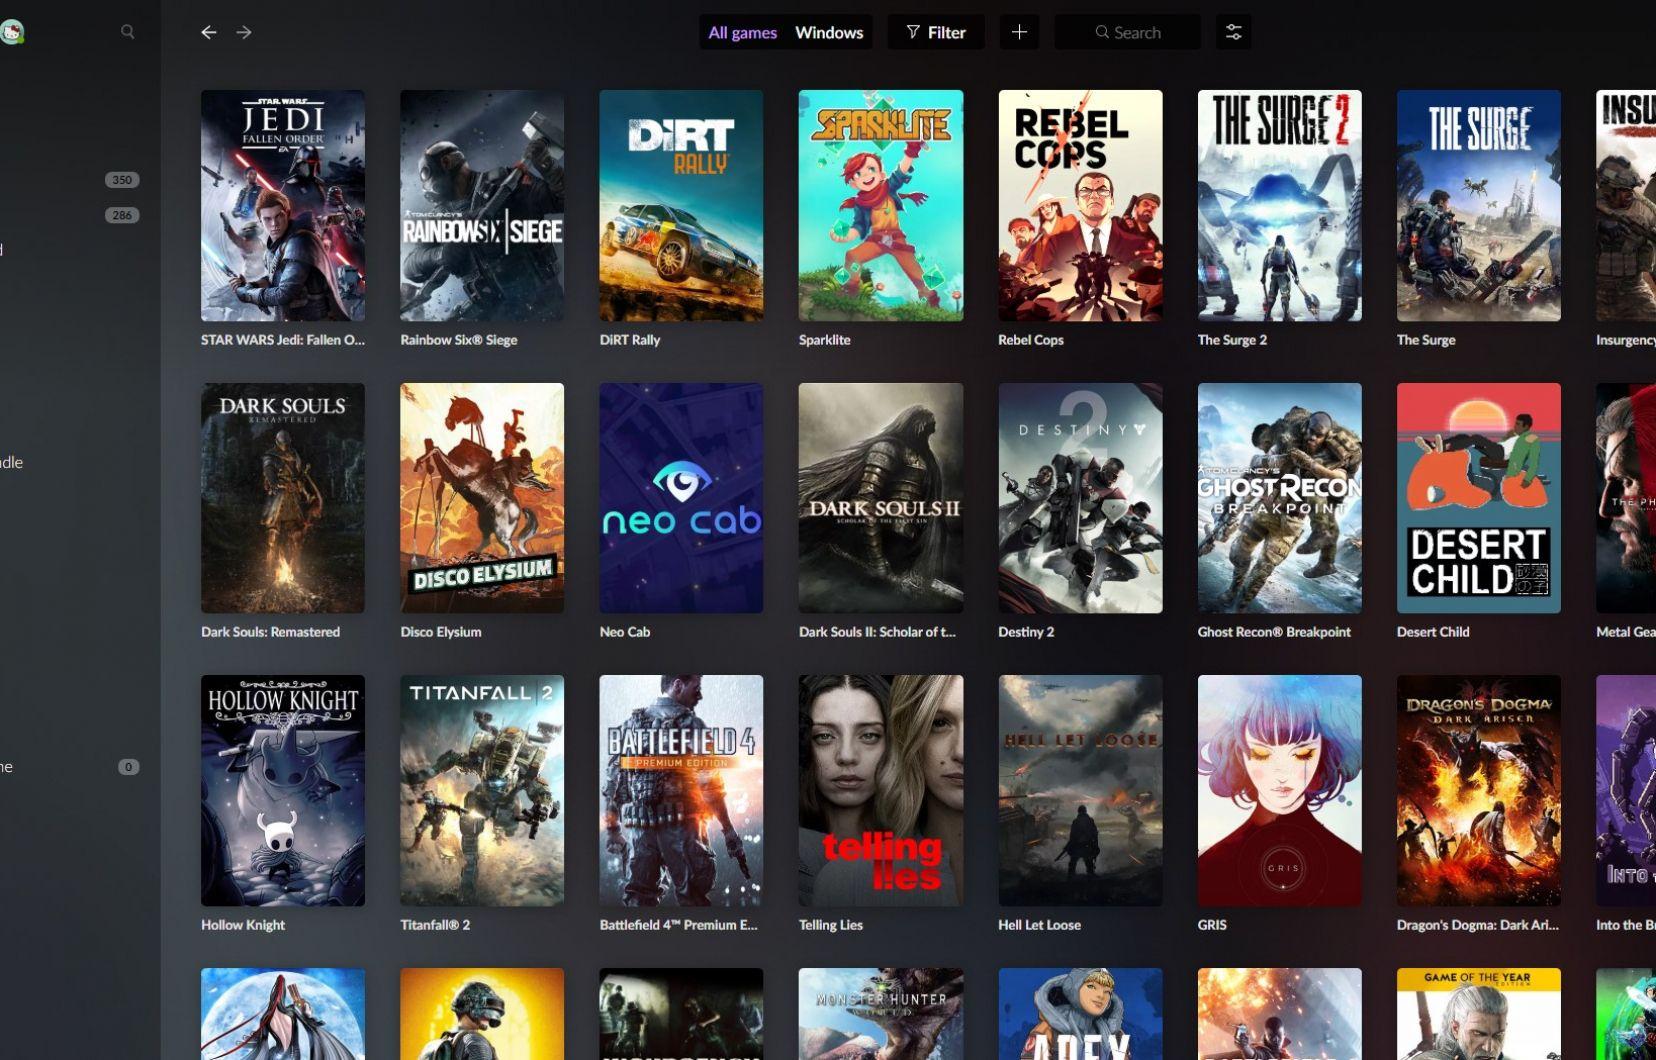 Les genres de jeux vidéo les plus populaires